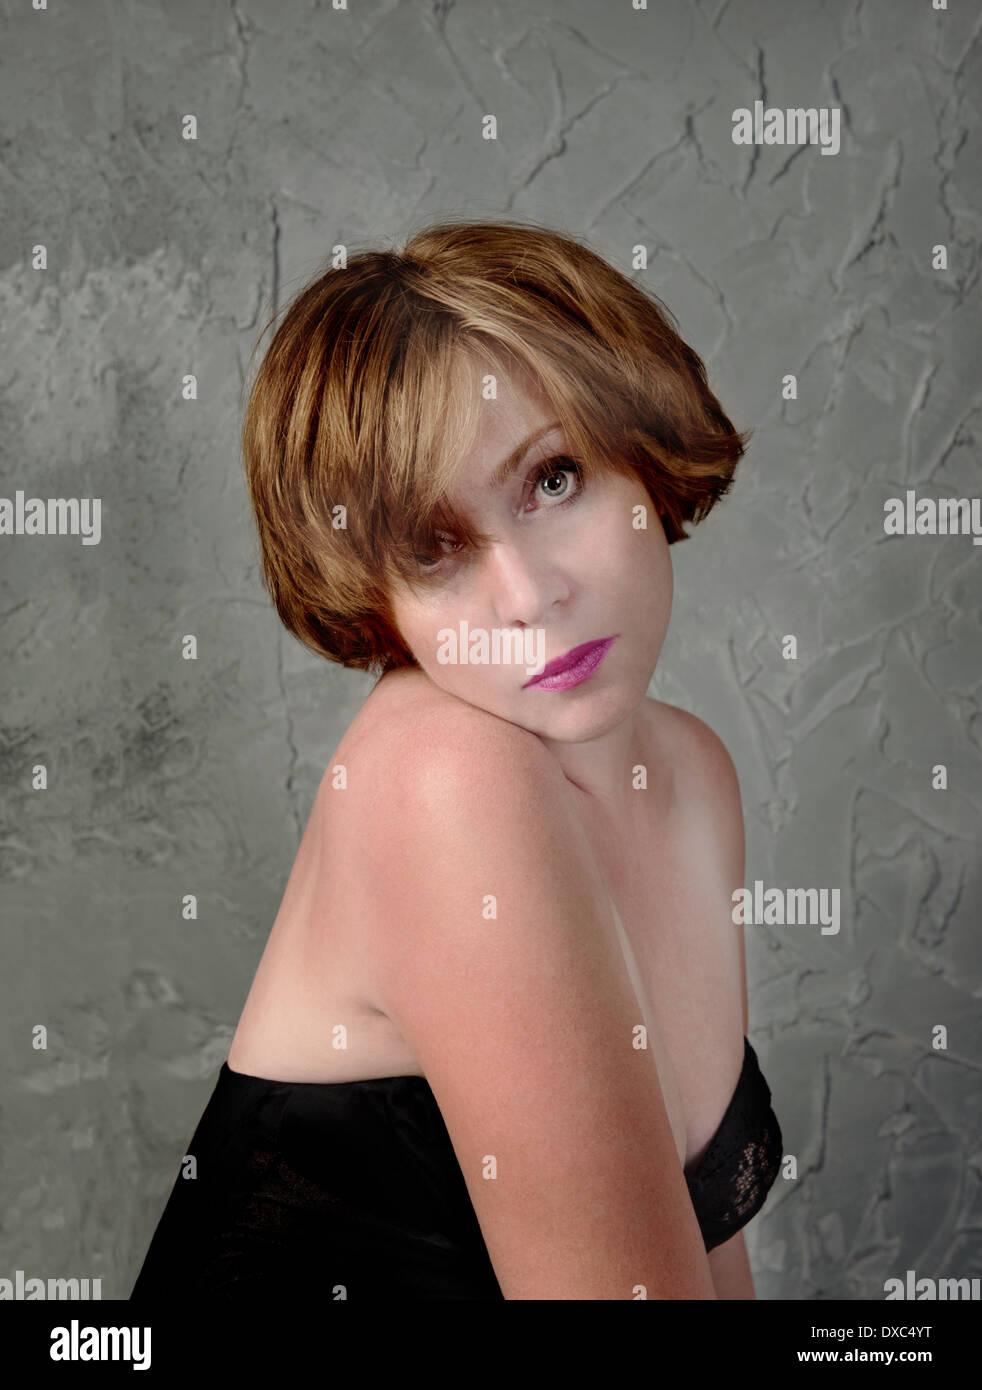 Portrait der schönen Frau in einer Melancholie auf Grunge-Wand-Hintergrund Stockfoto